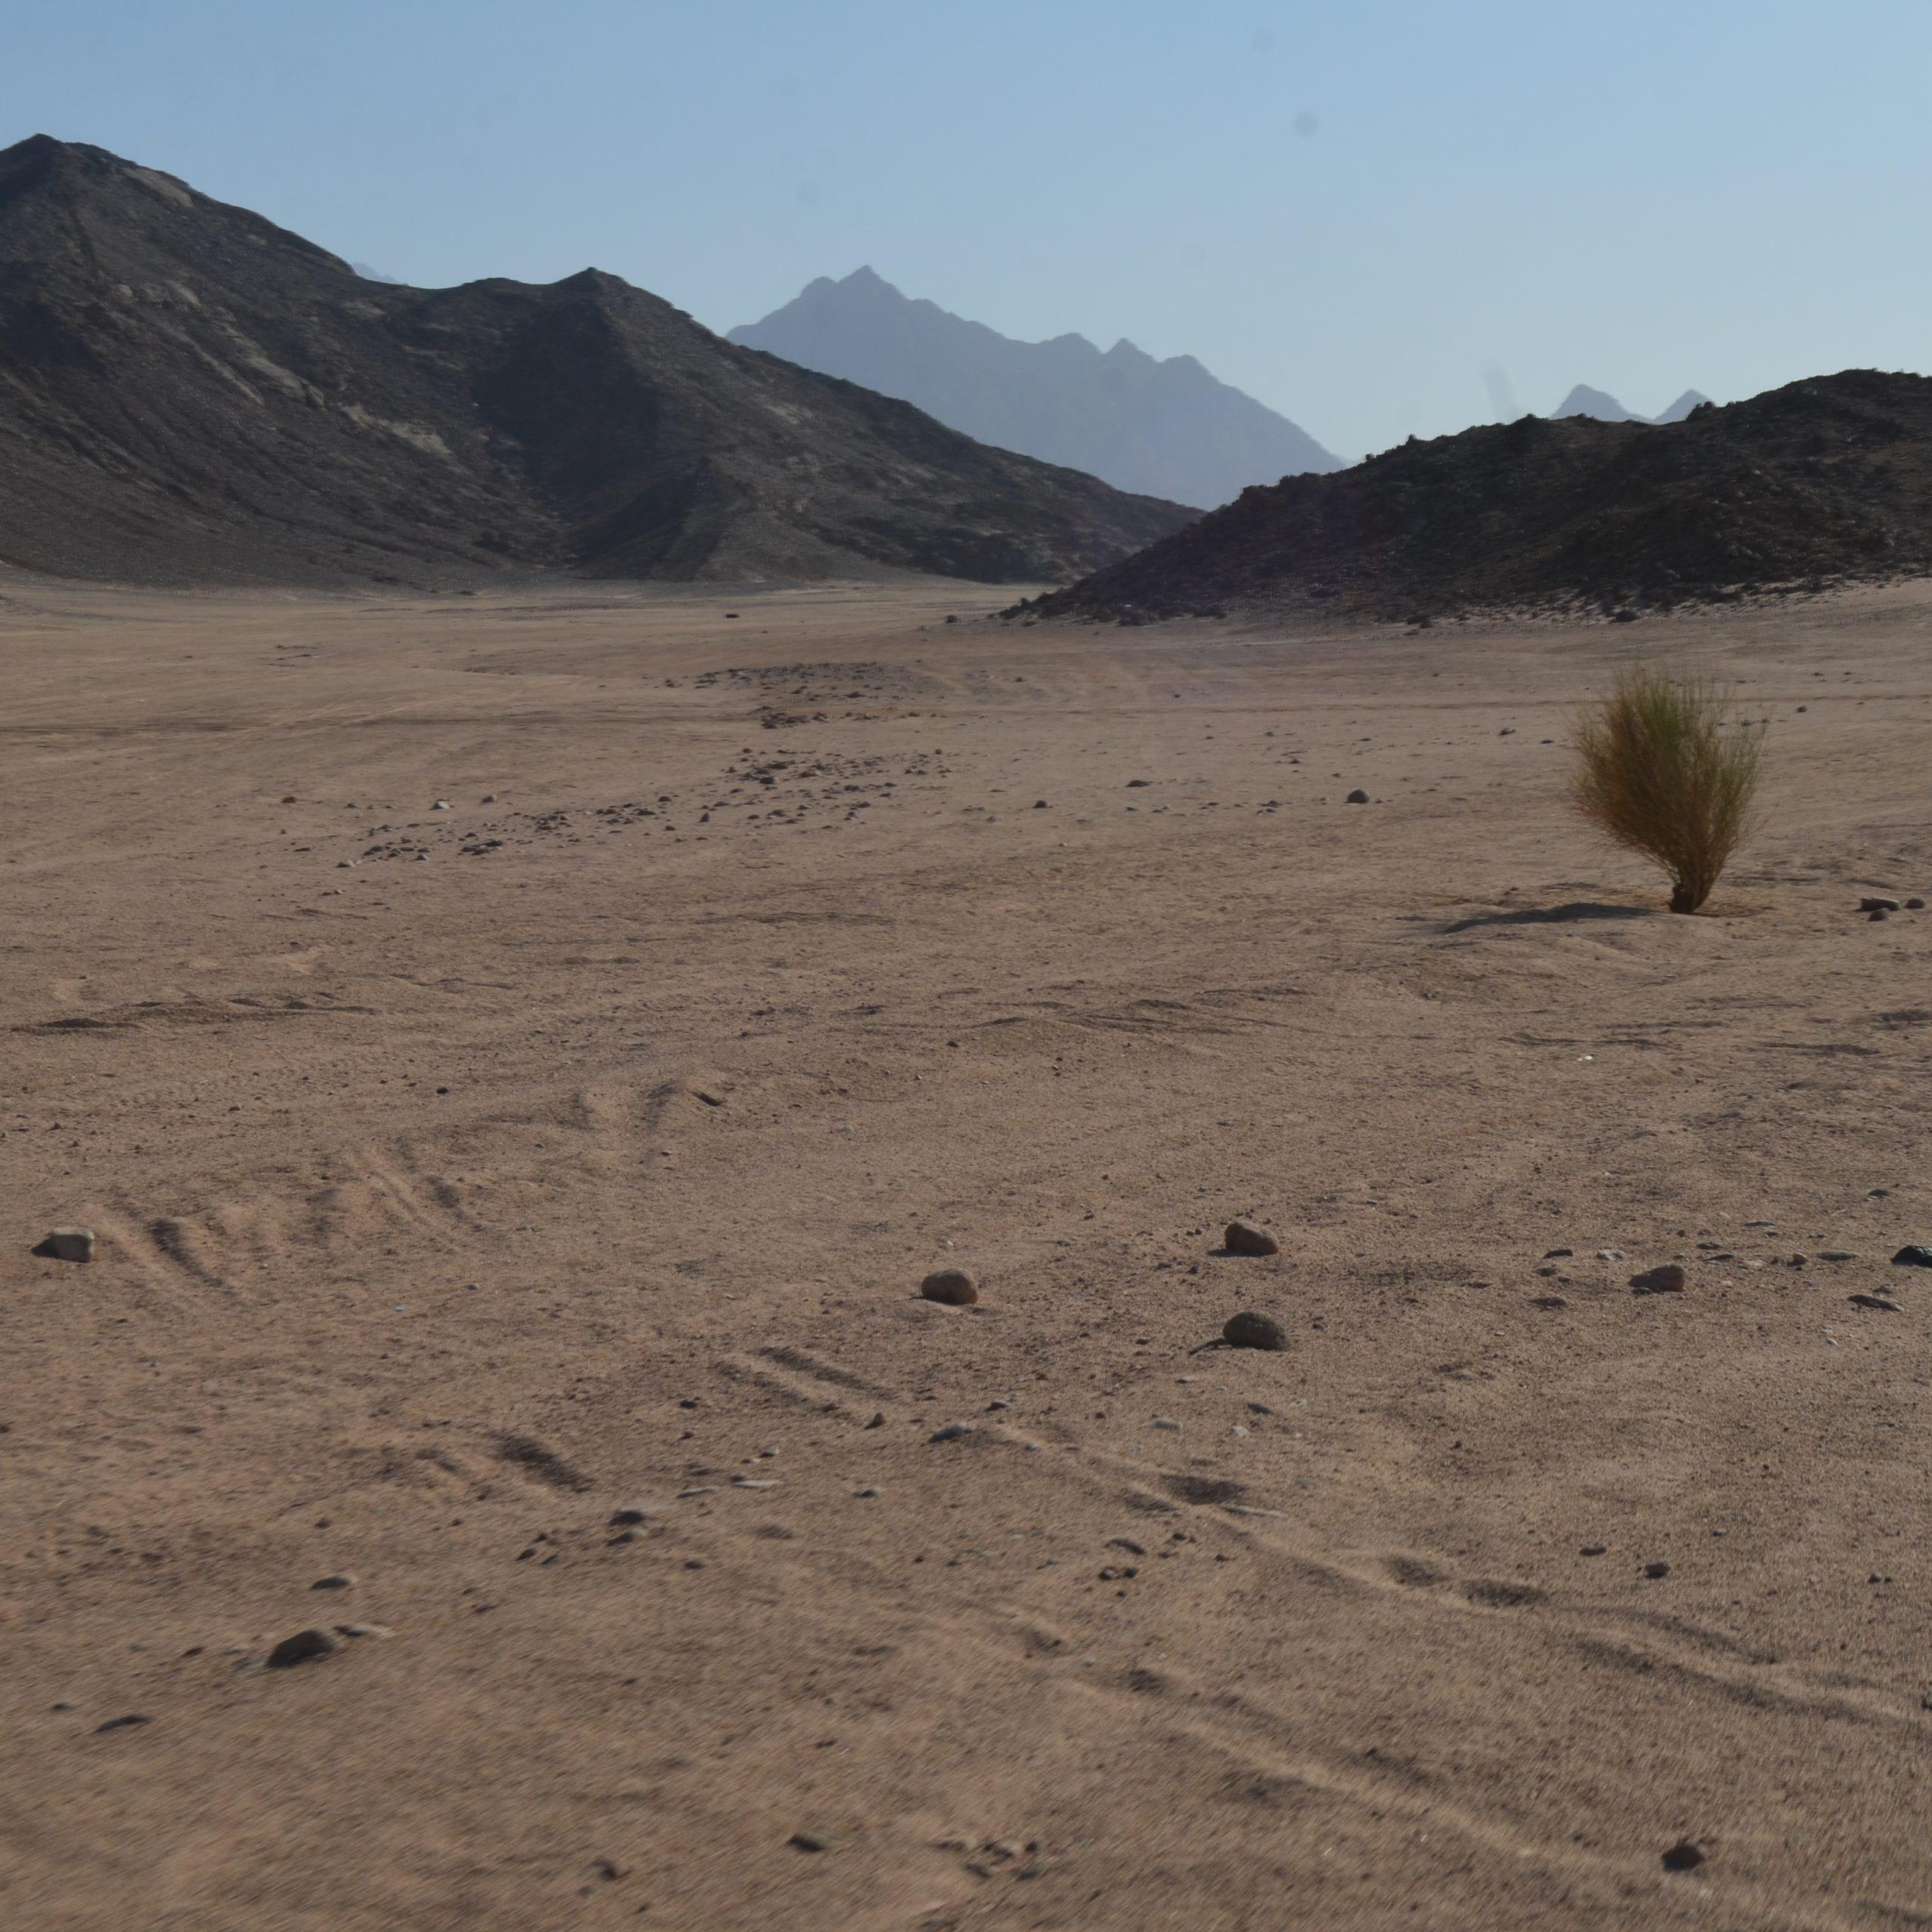 7:30 - 8:30 Wüste BIS QUENA: